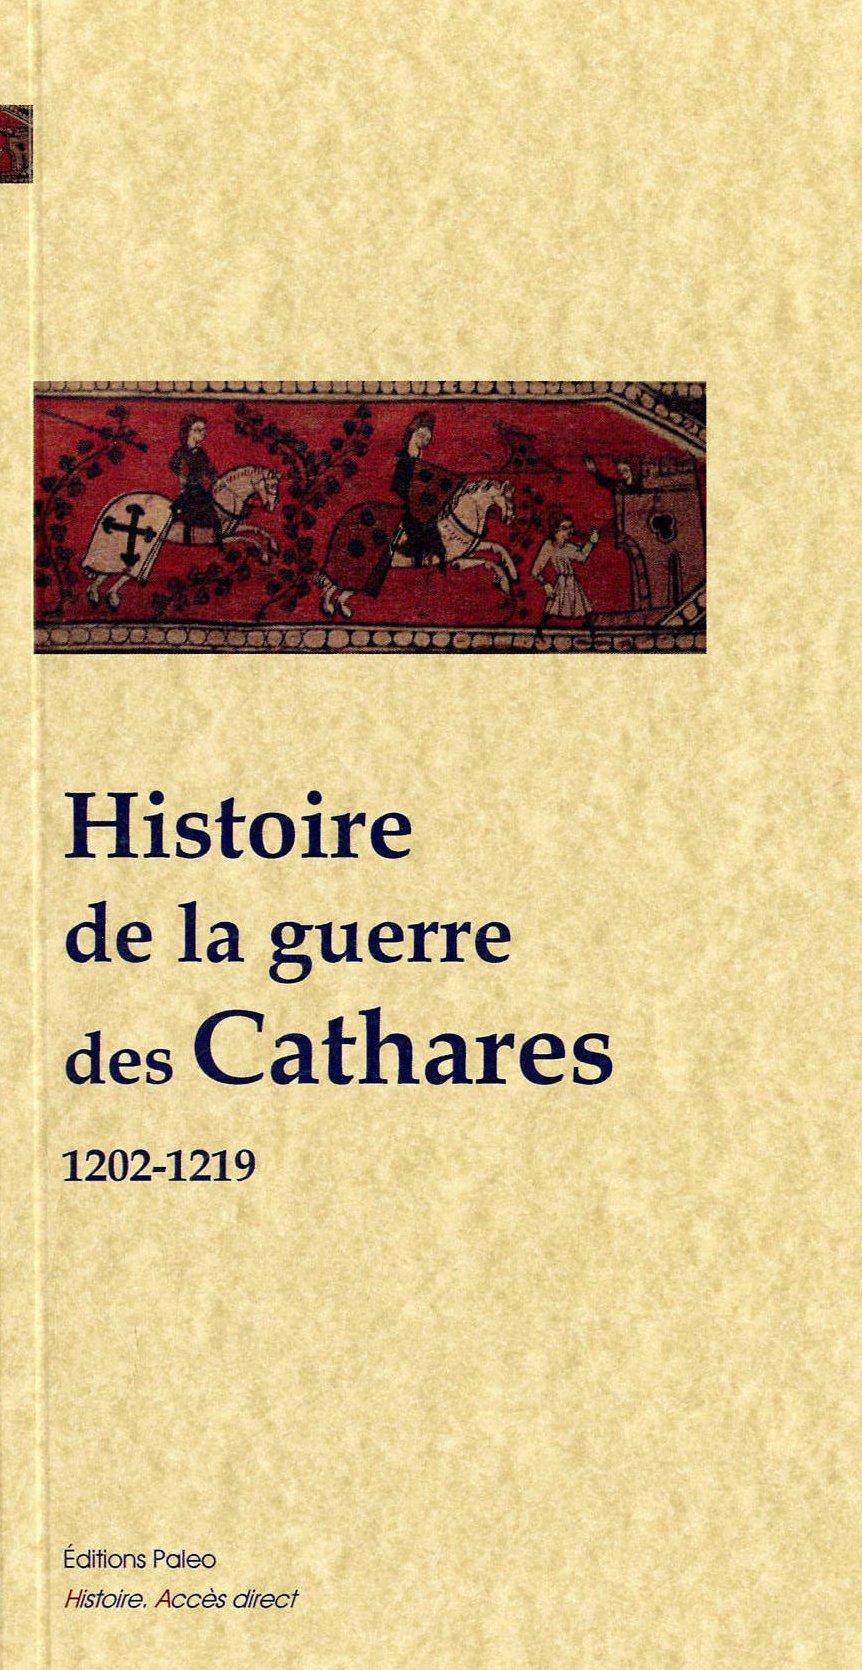 HISTOIRE DE LA GUERRE DES CATHARES (1202-1219)